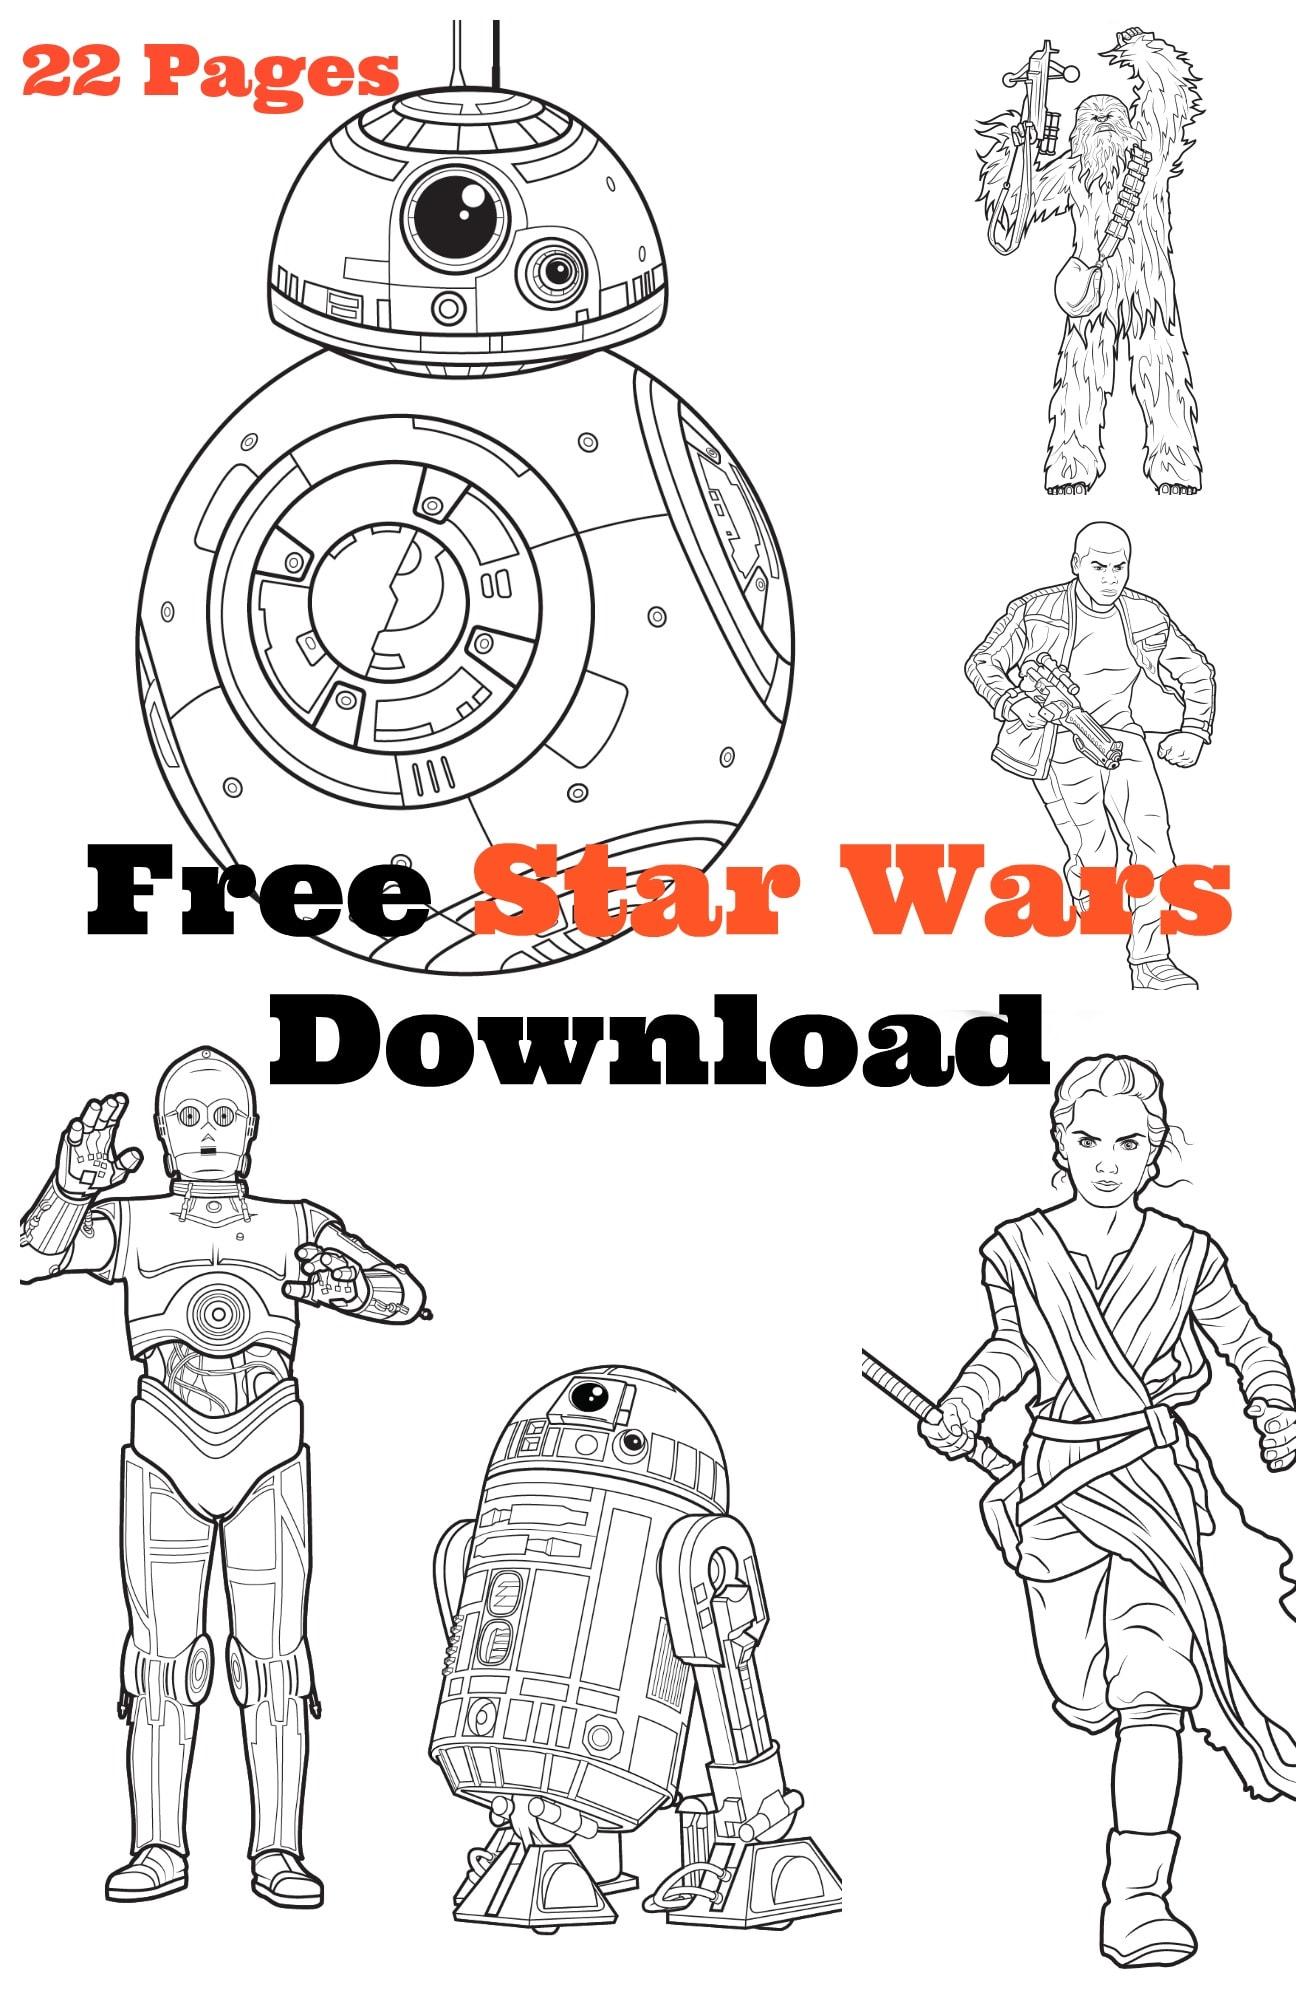 Mega Star Wars Free Coloring Activity Kit